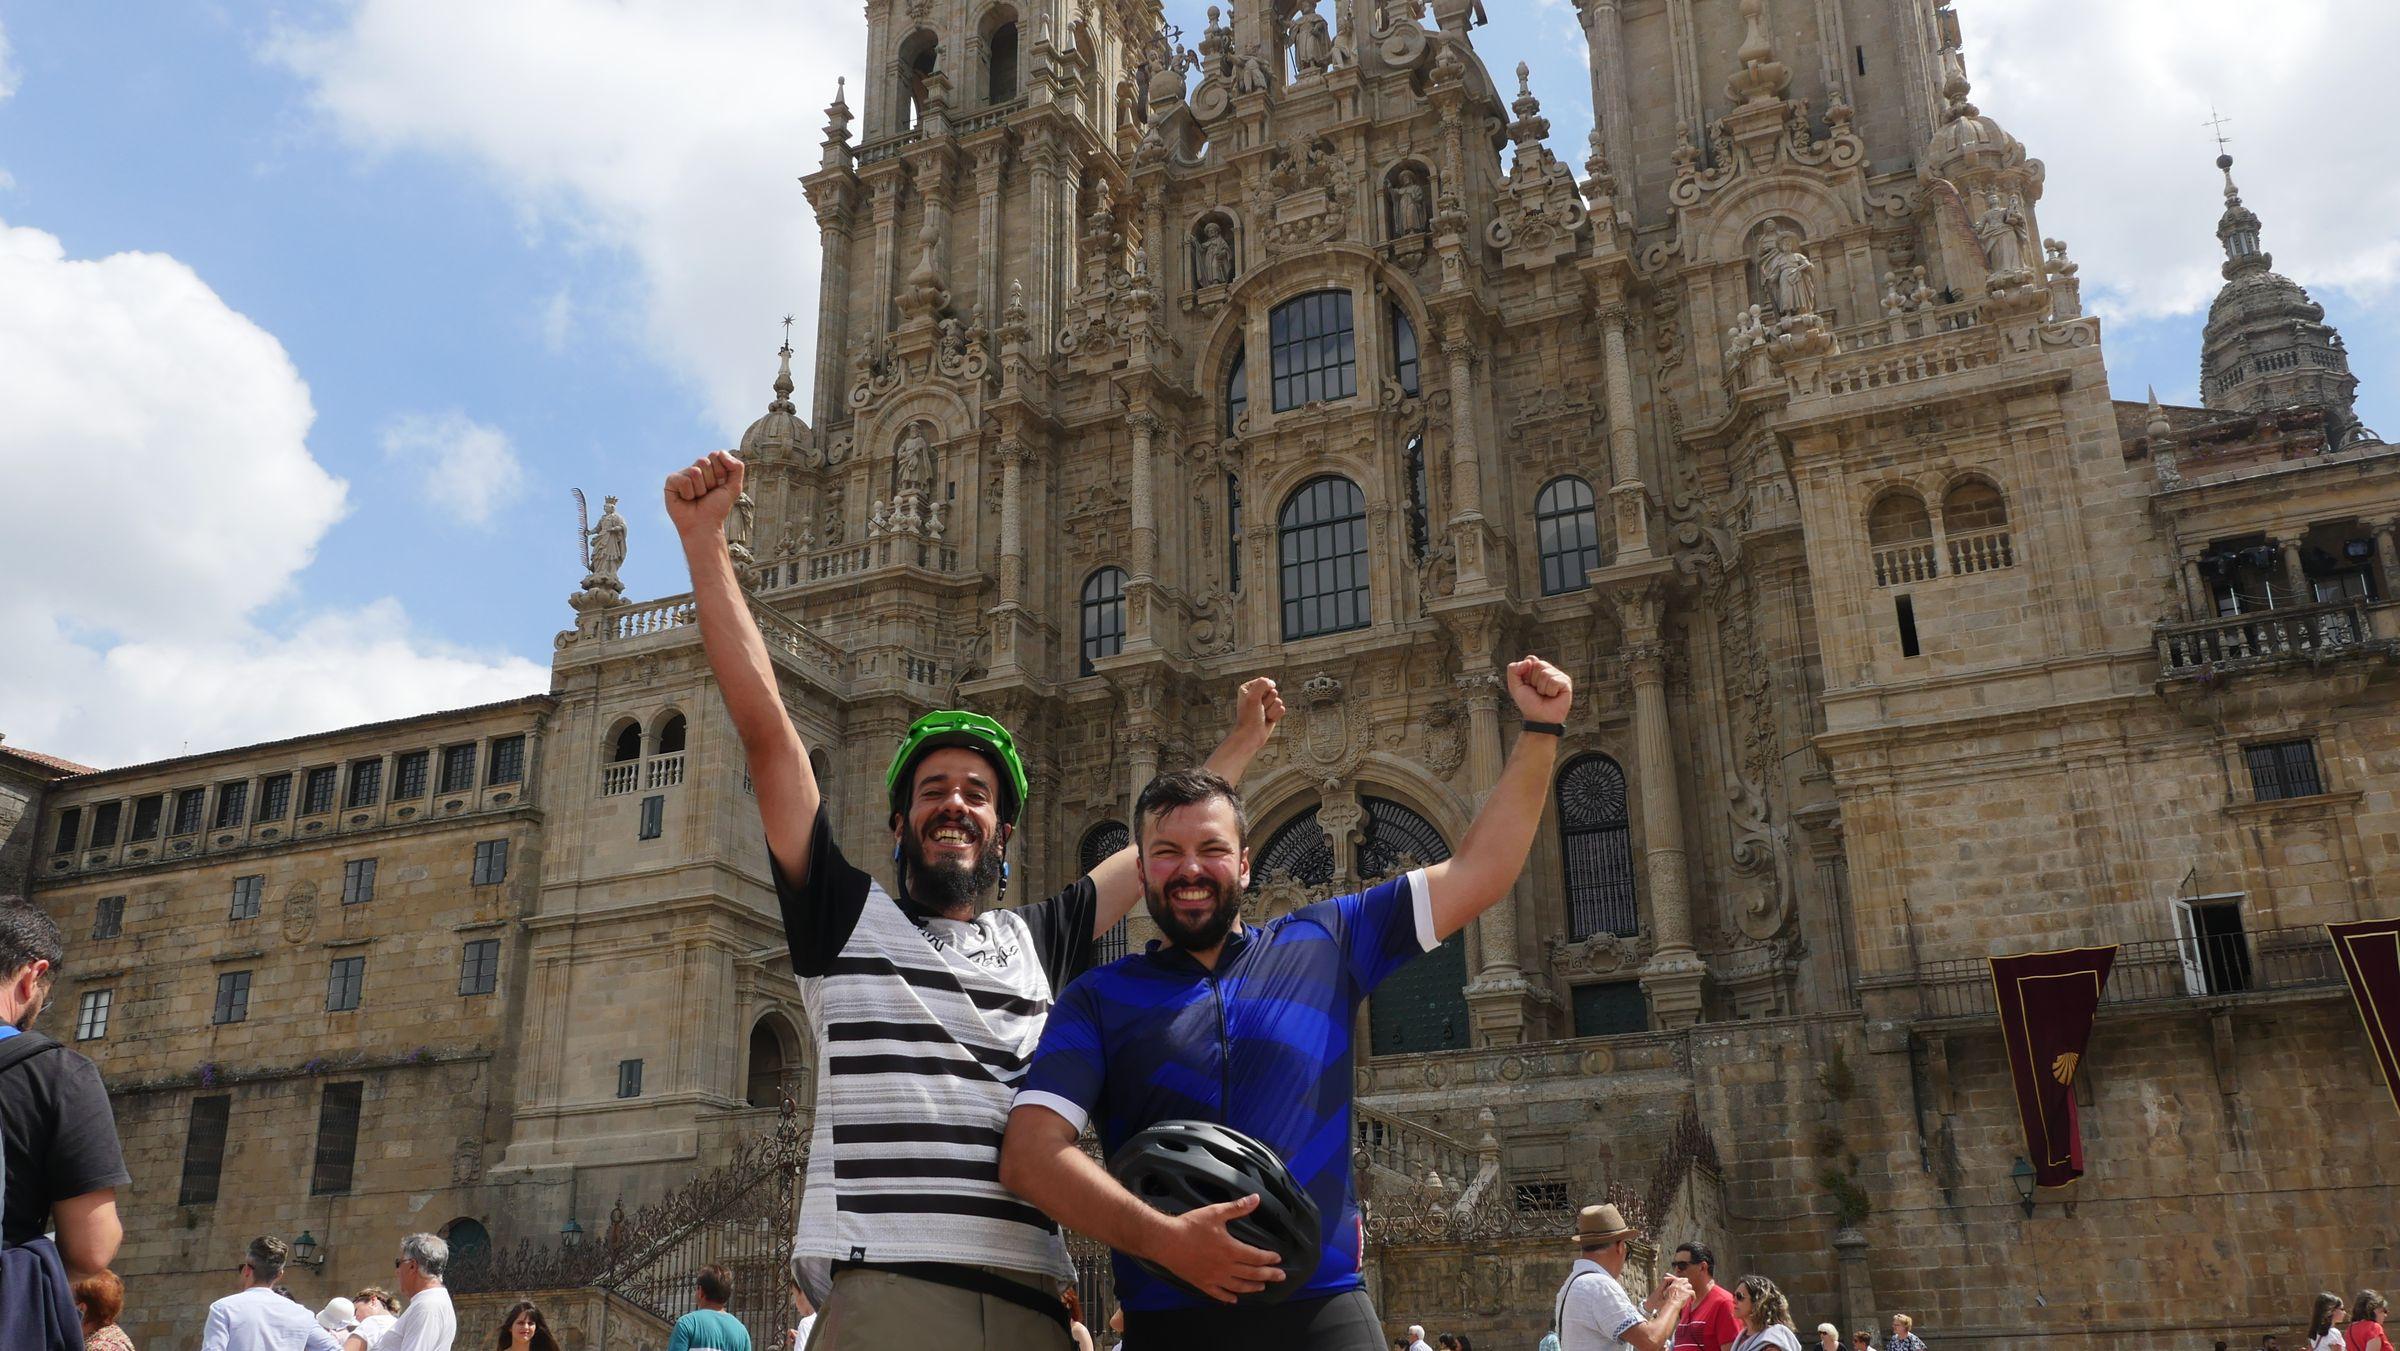 Iago García y Senén Rouco celebran su llegada al Obradoiro después de 17 etapas de Camino, en bici, desde Roncesvalles